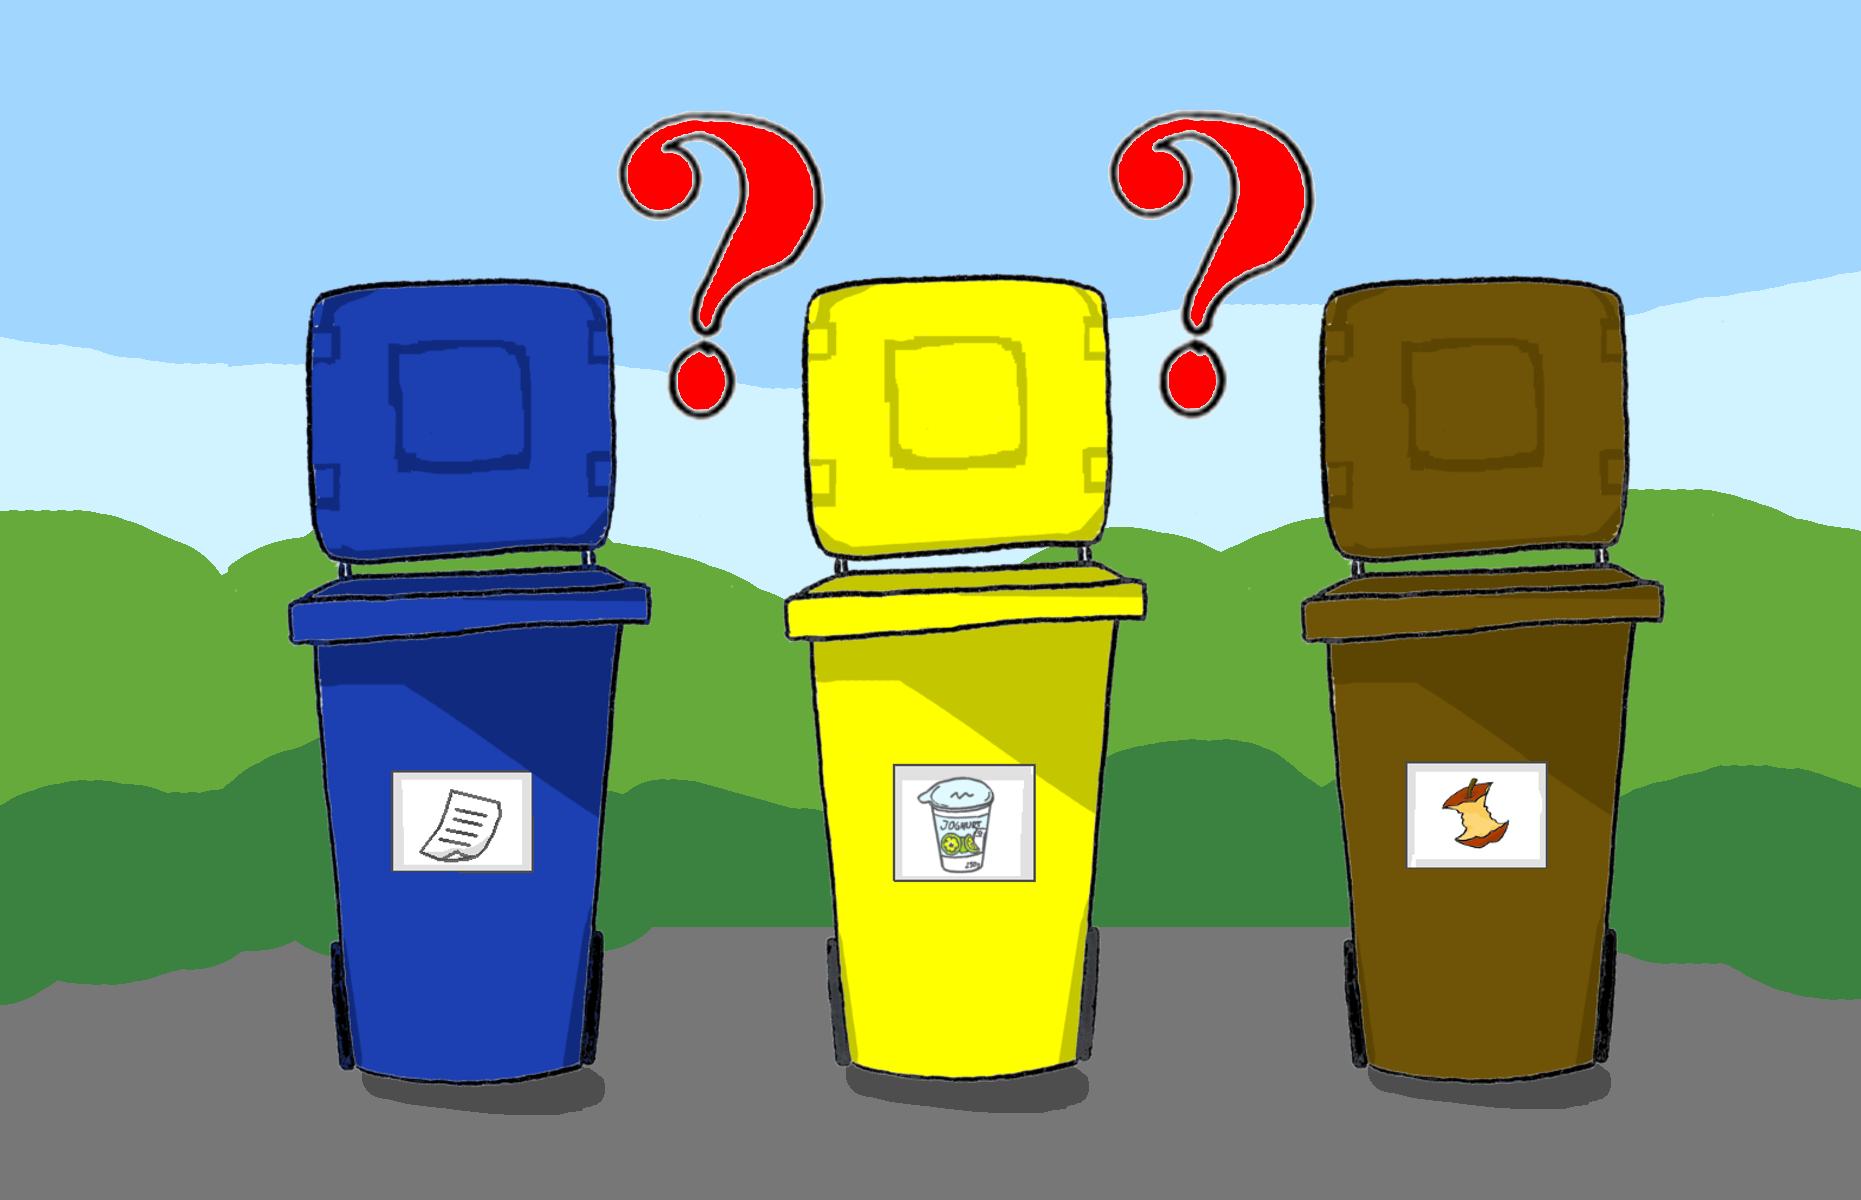 9. Abfall will gelernt sein: Neben Abfallvermeidung haben einheitliche Abfalltrennsysteme für jeden Raum Sinn. Wenn etwas wegkommt, können die Kinder mit überlegen, welche Tonne die richtige ist. Bilder auf den Tonnen helfen beim Sortieren.